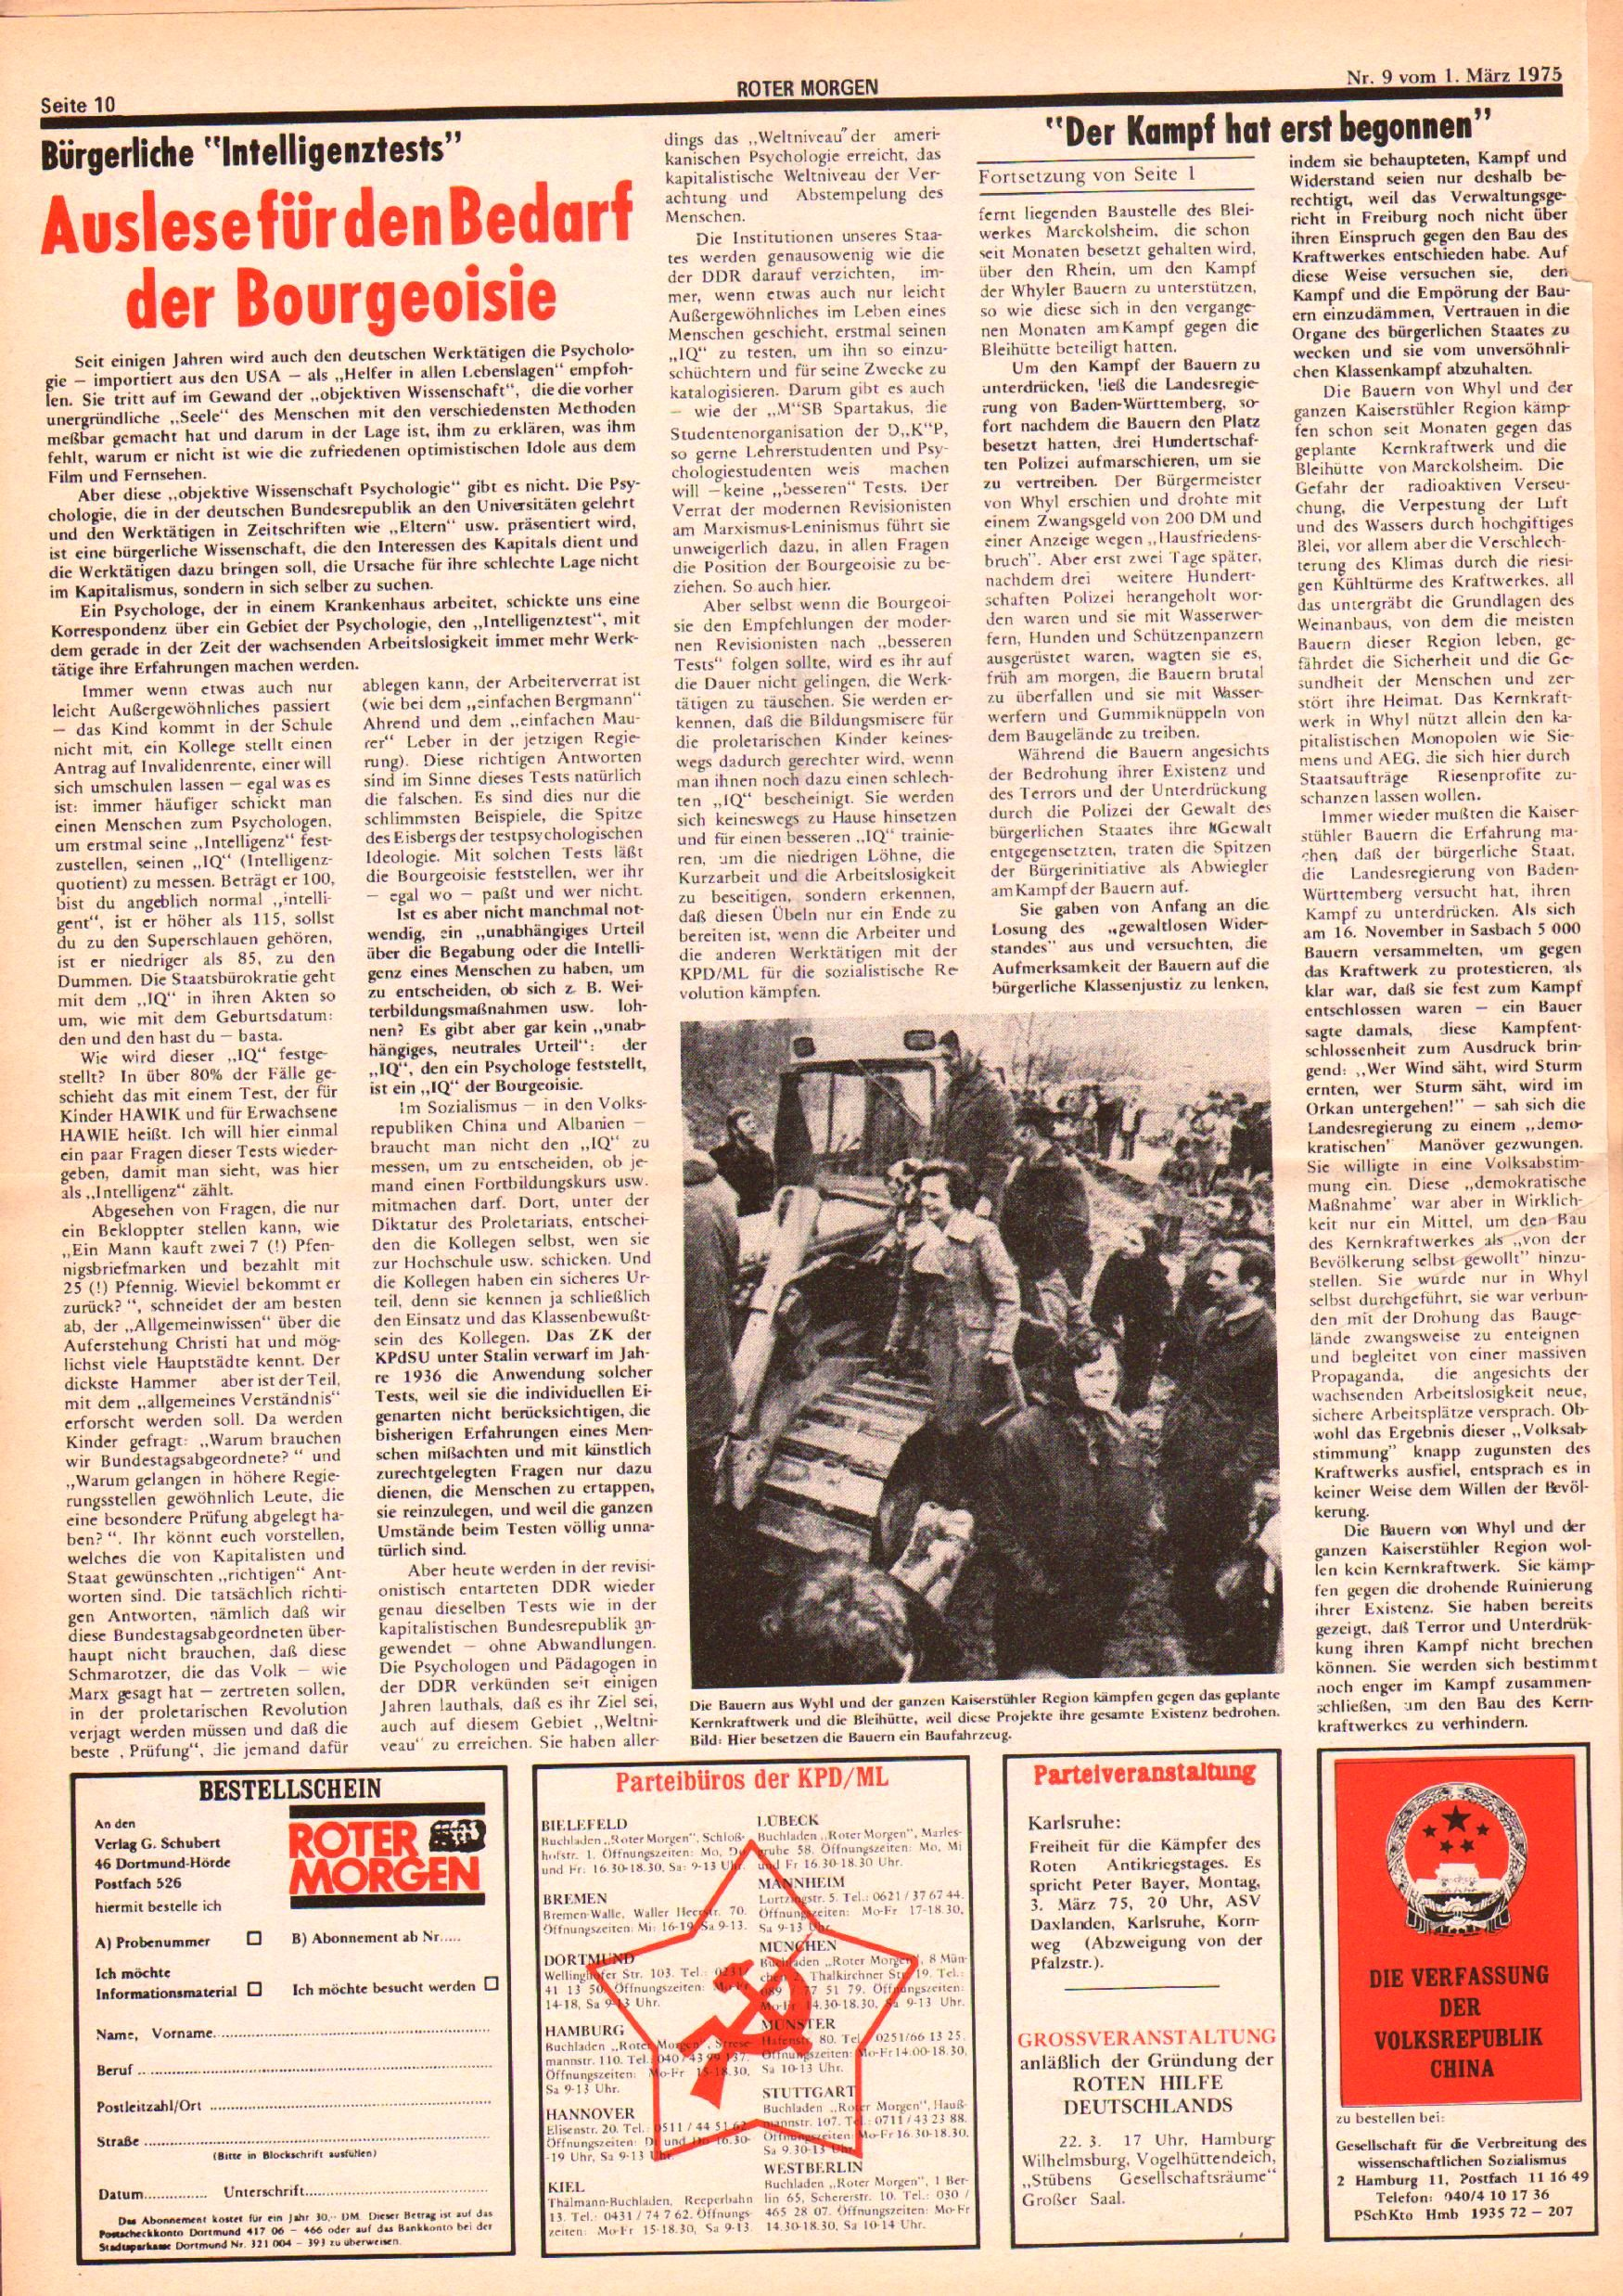 Roter Morgen, 9. Jg., 1. März 1975, Nr. 9, Seite 10